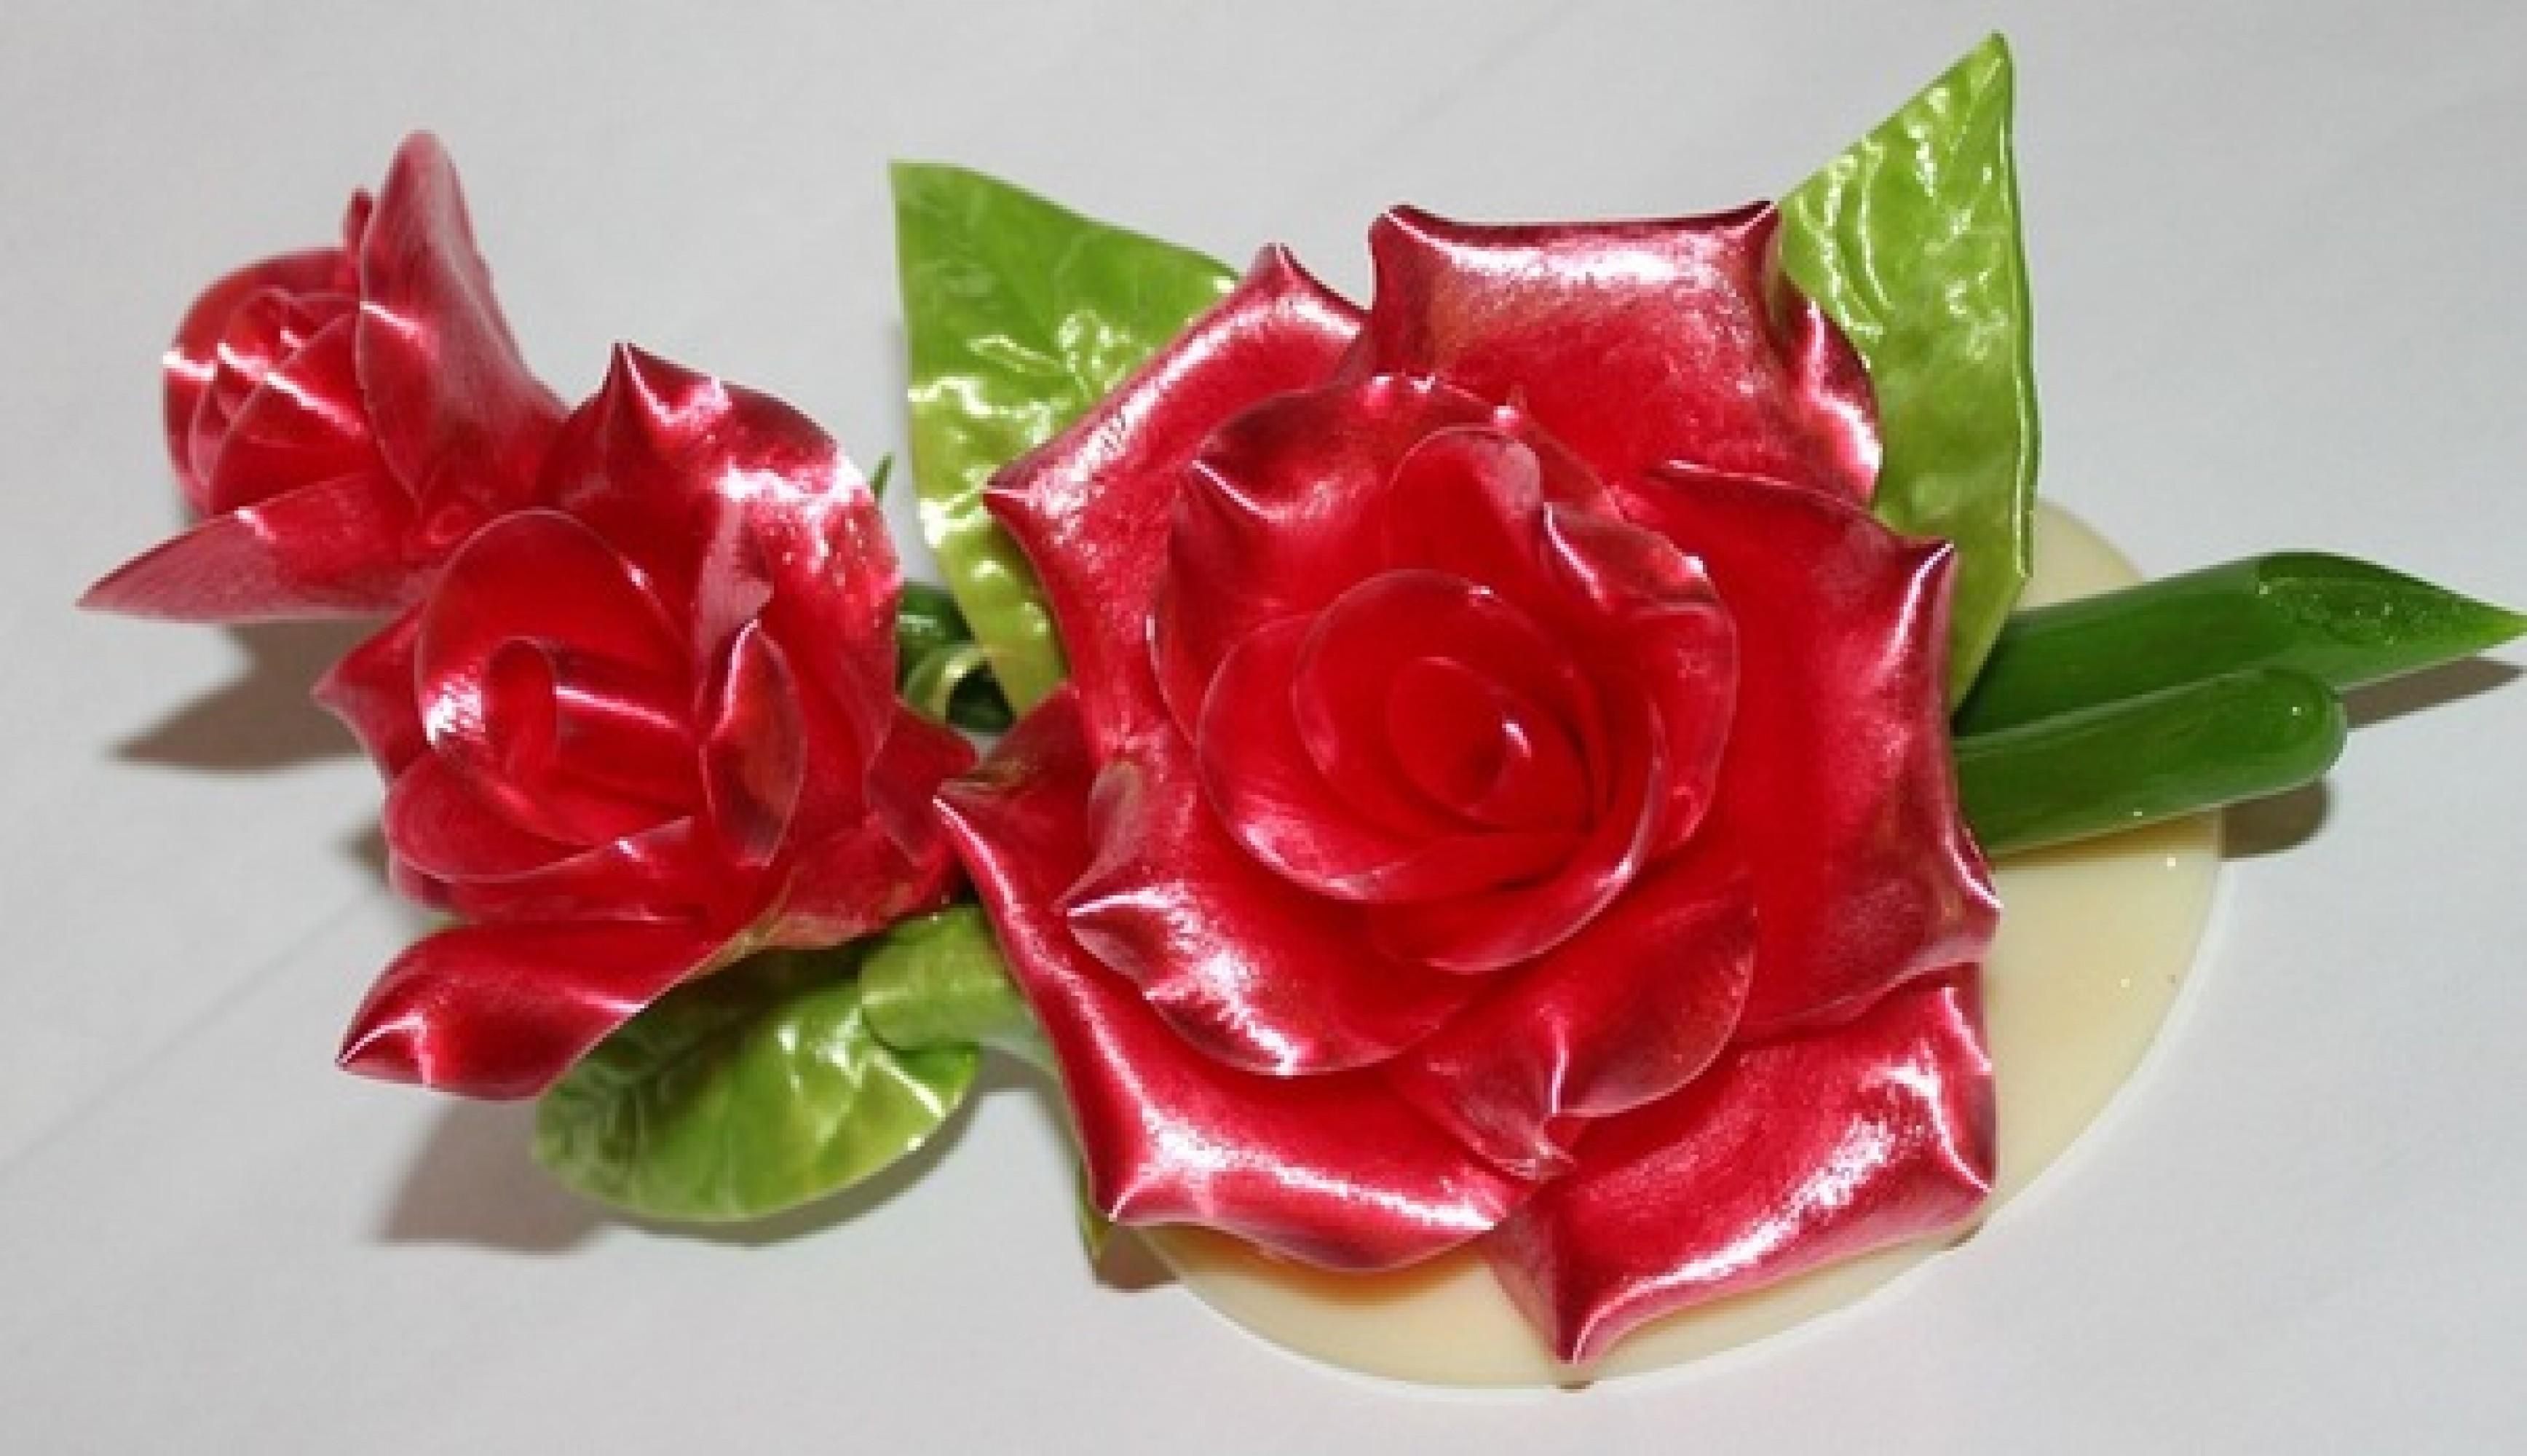 фото цветы из карамели принялся